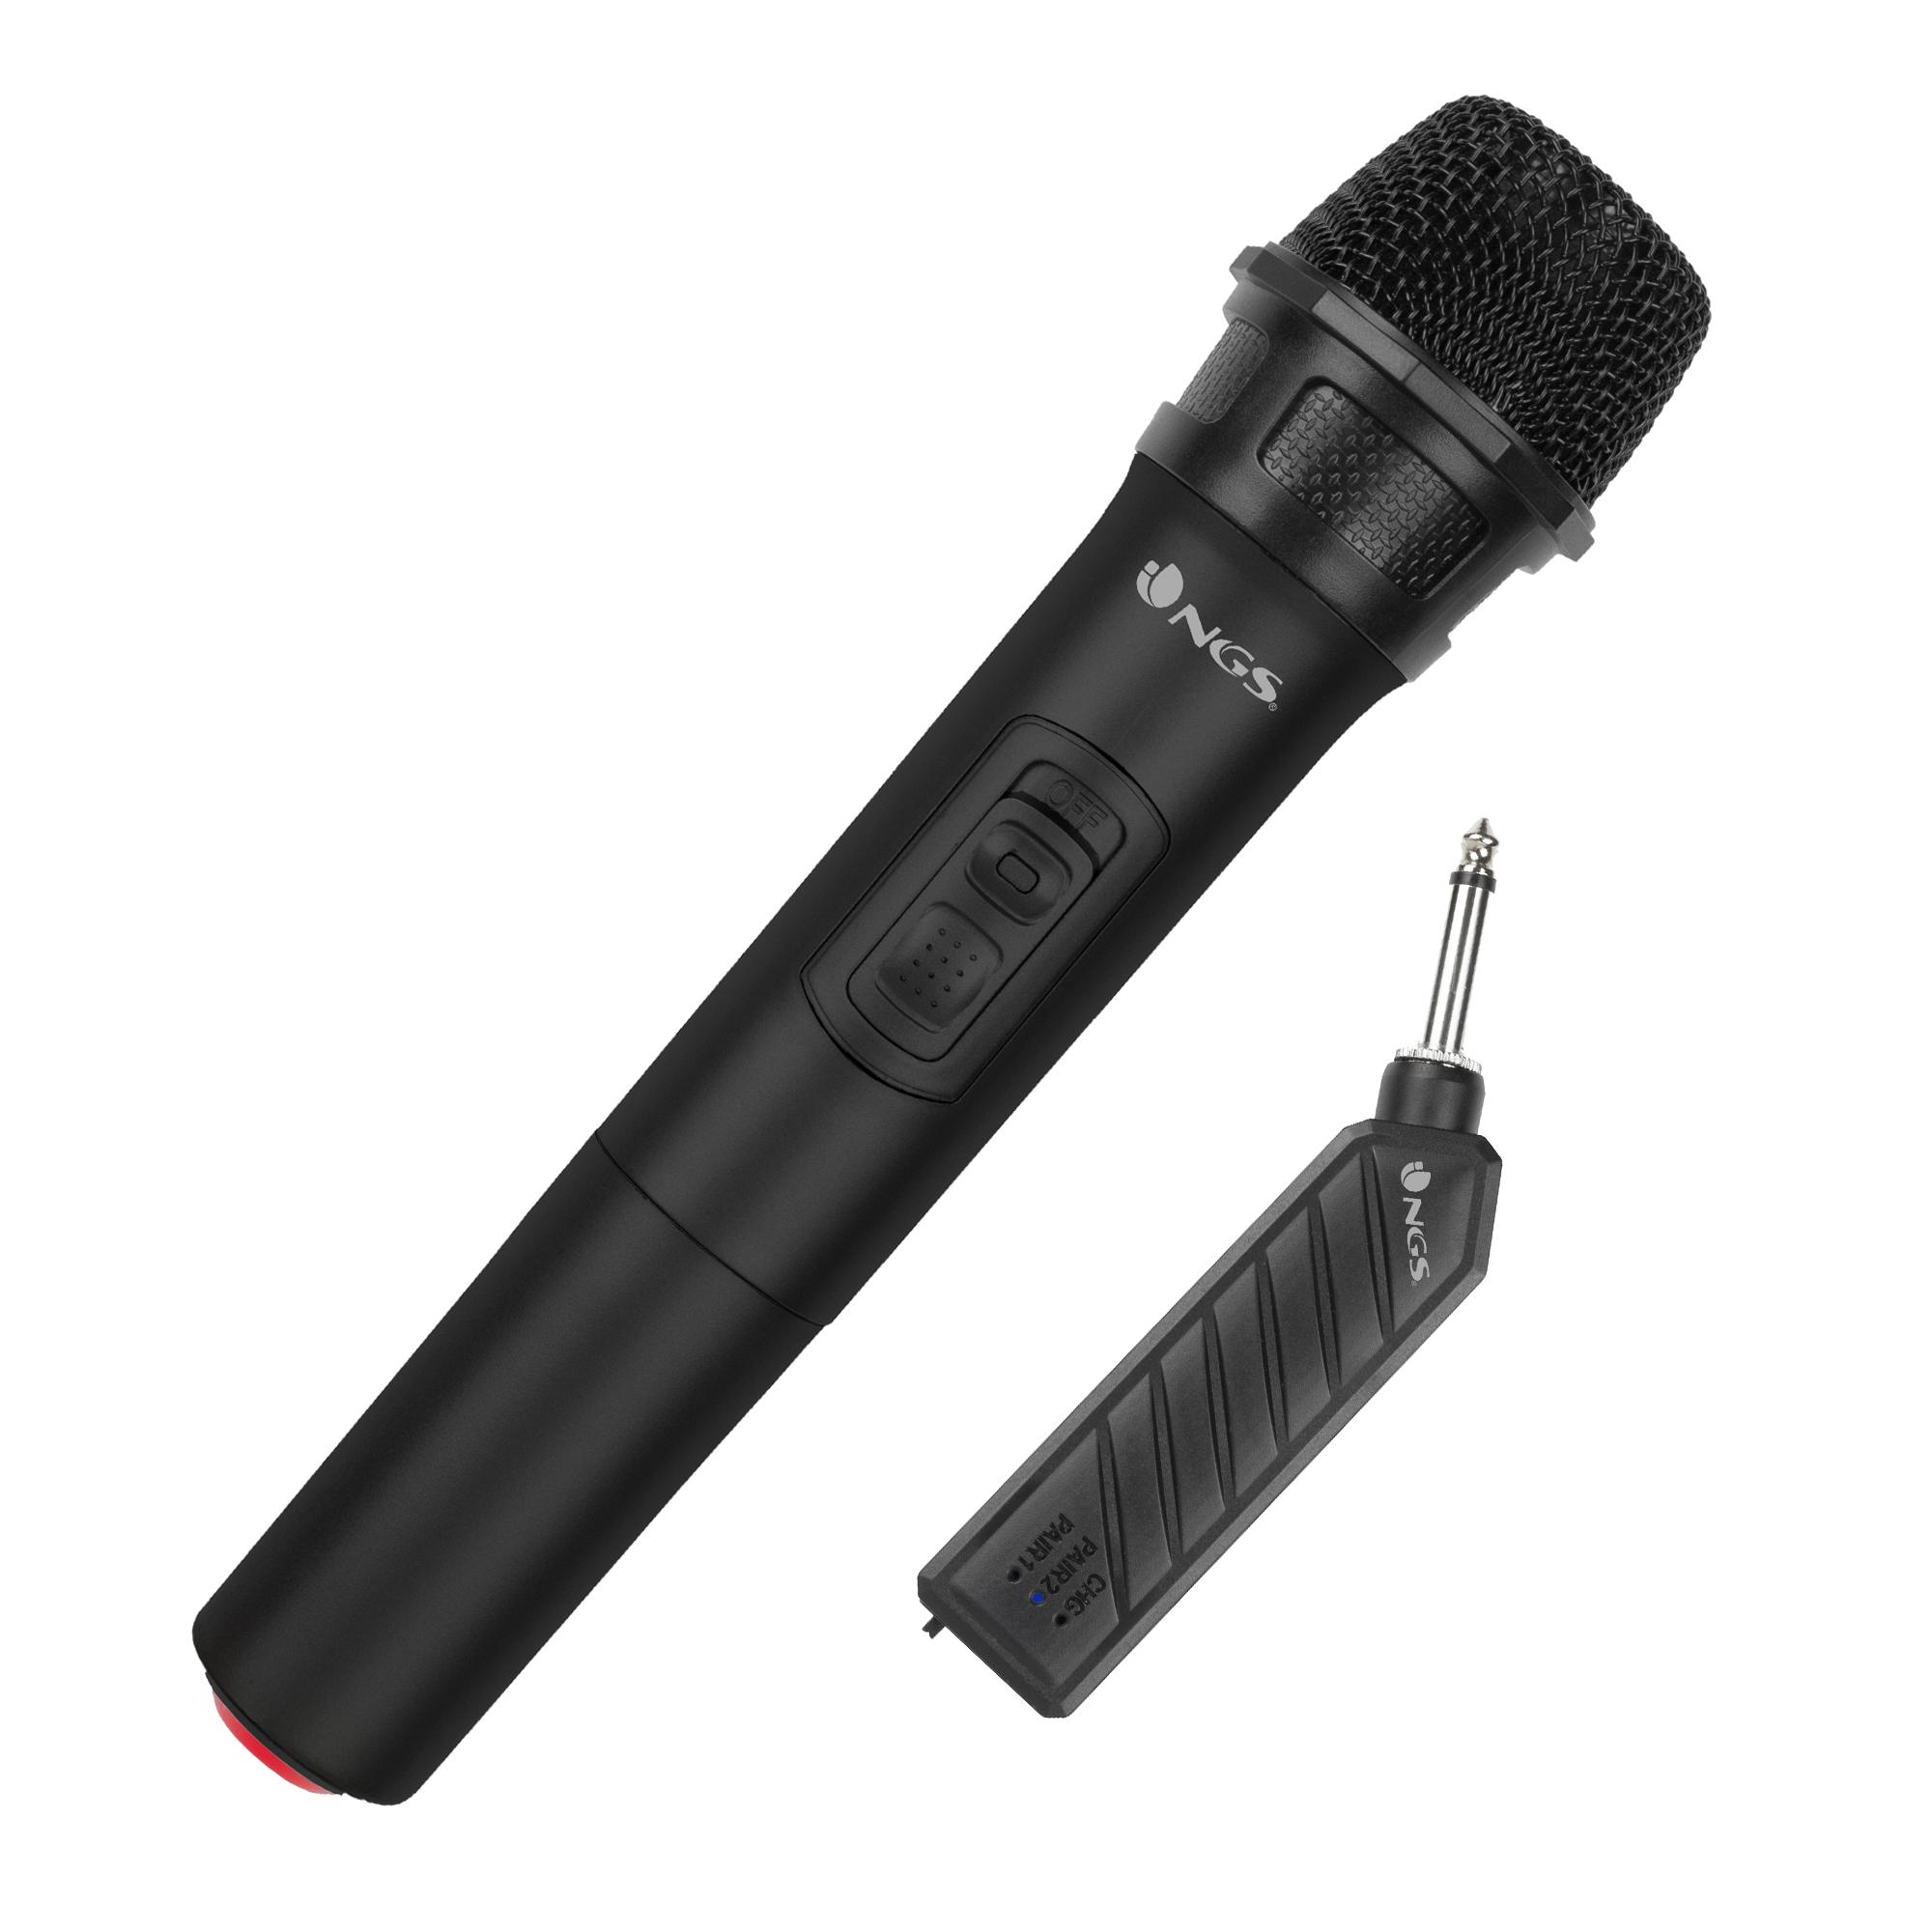 NGS Singer Air - Micrófono y Receptor